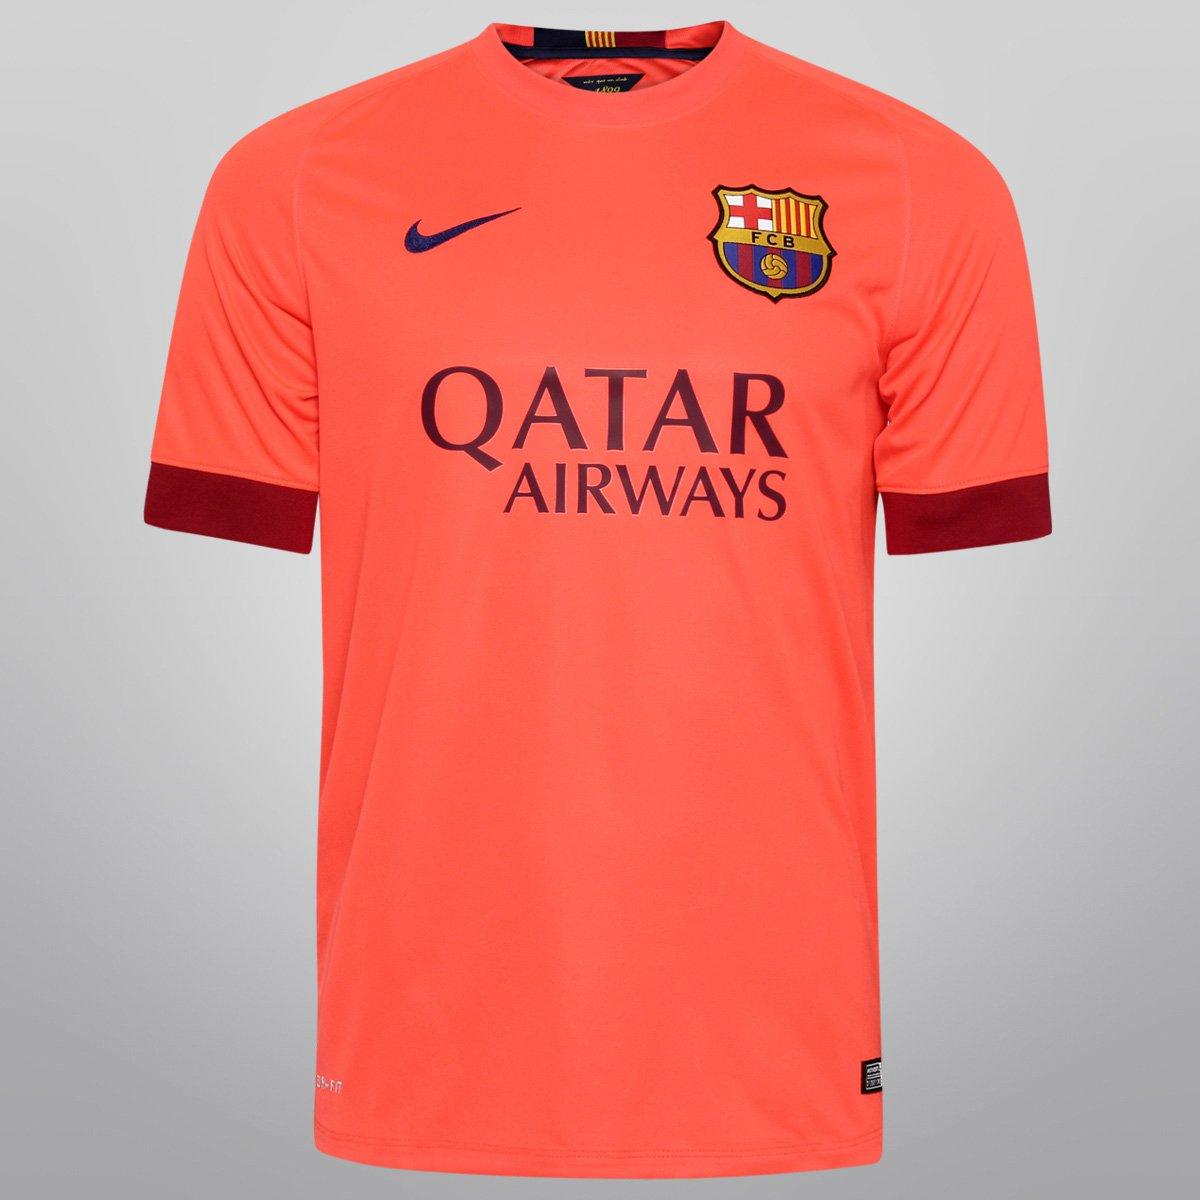 Camisa Nike Barcelona Away 14 15 s nº - Compre Agora  515315e765d7a